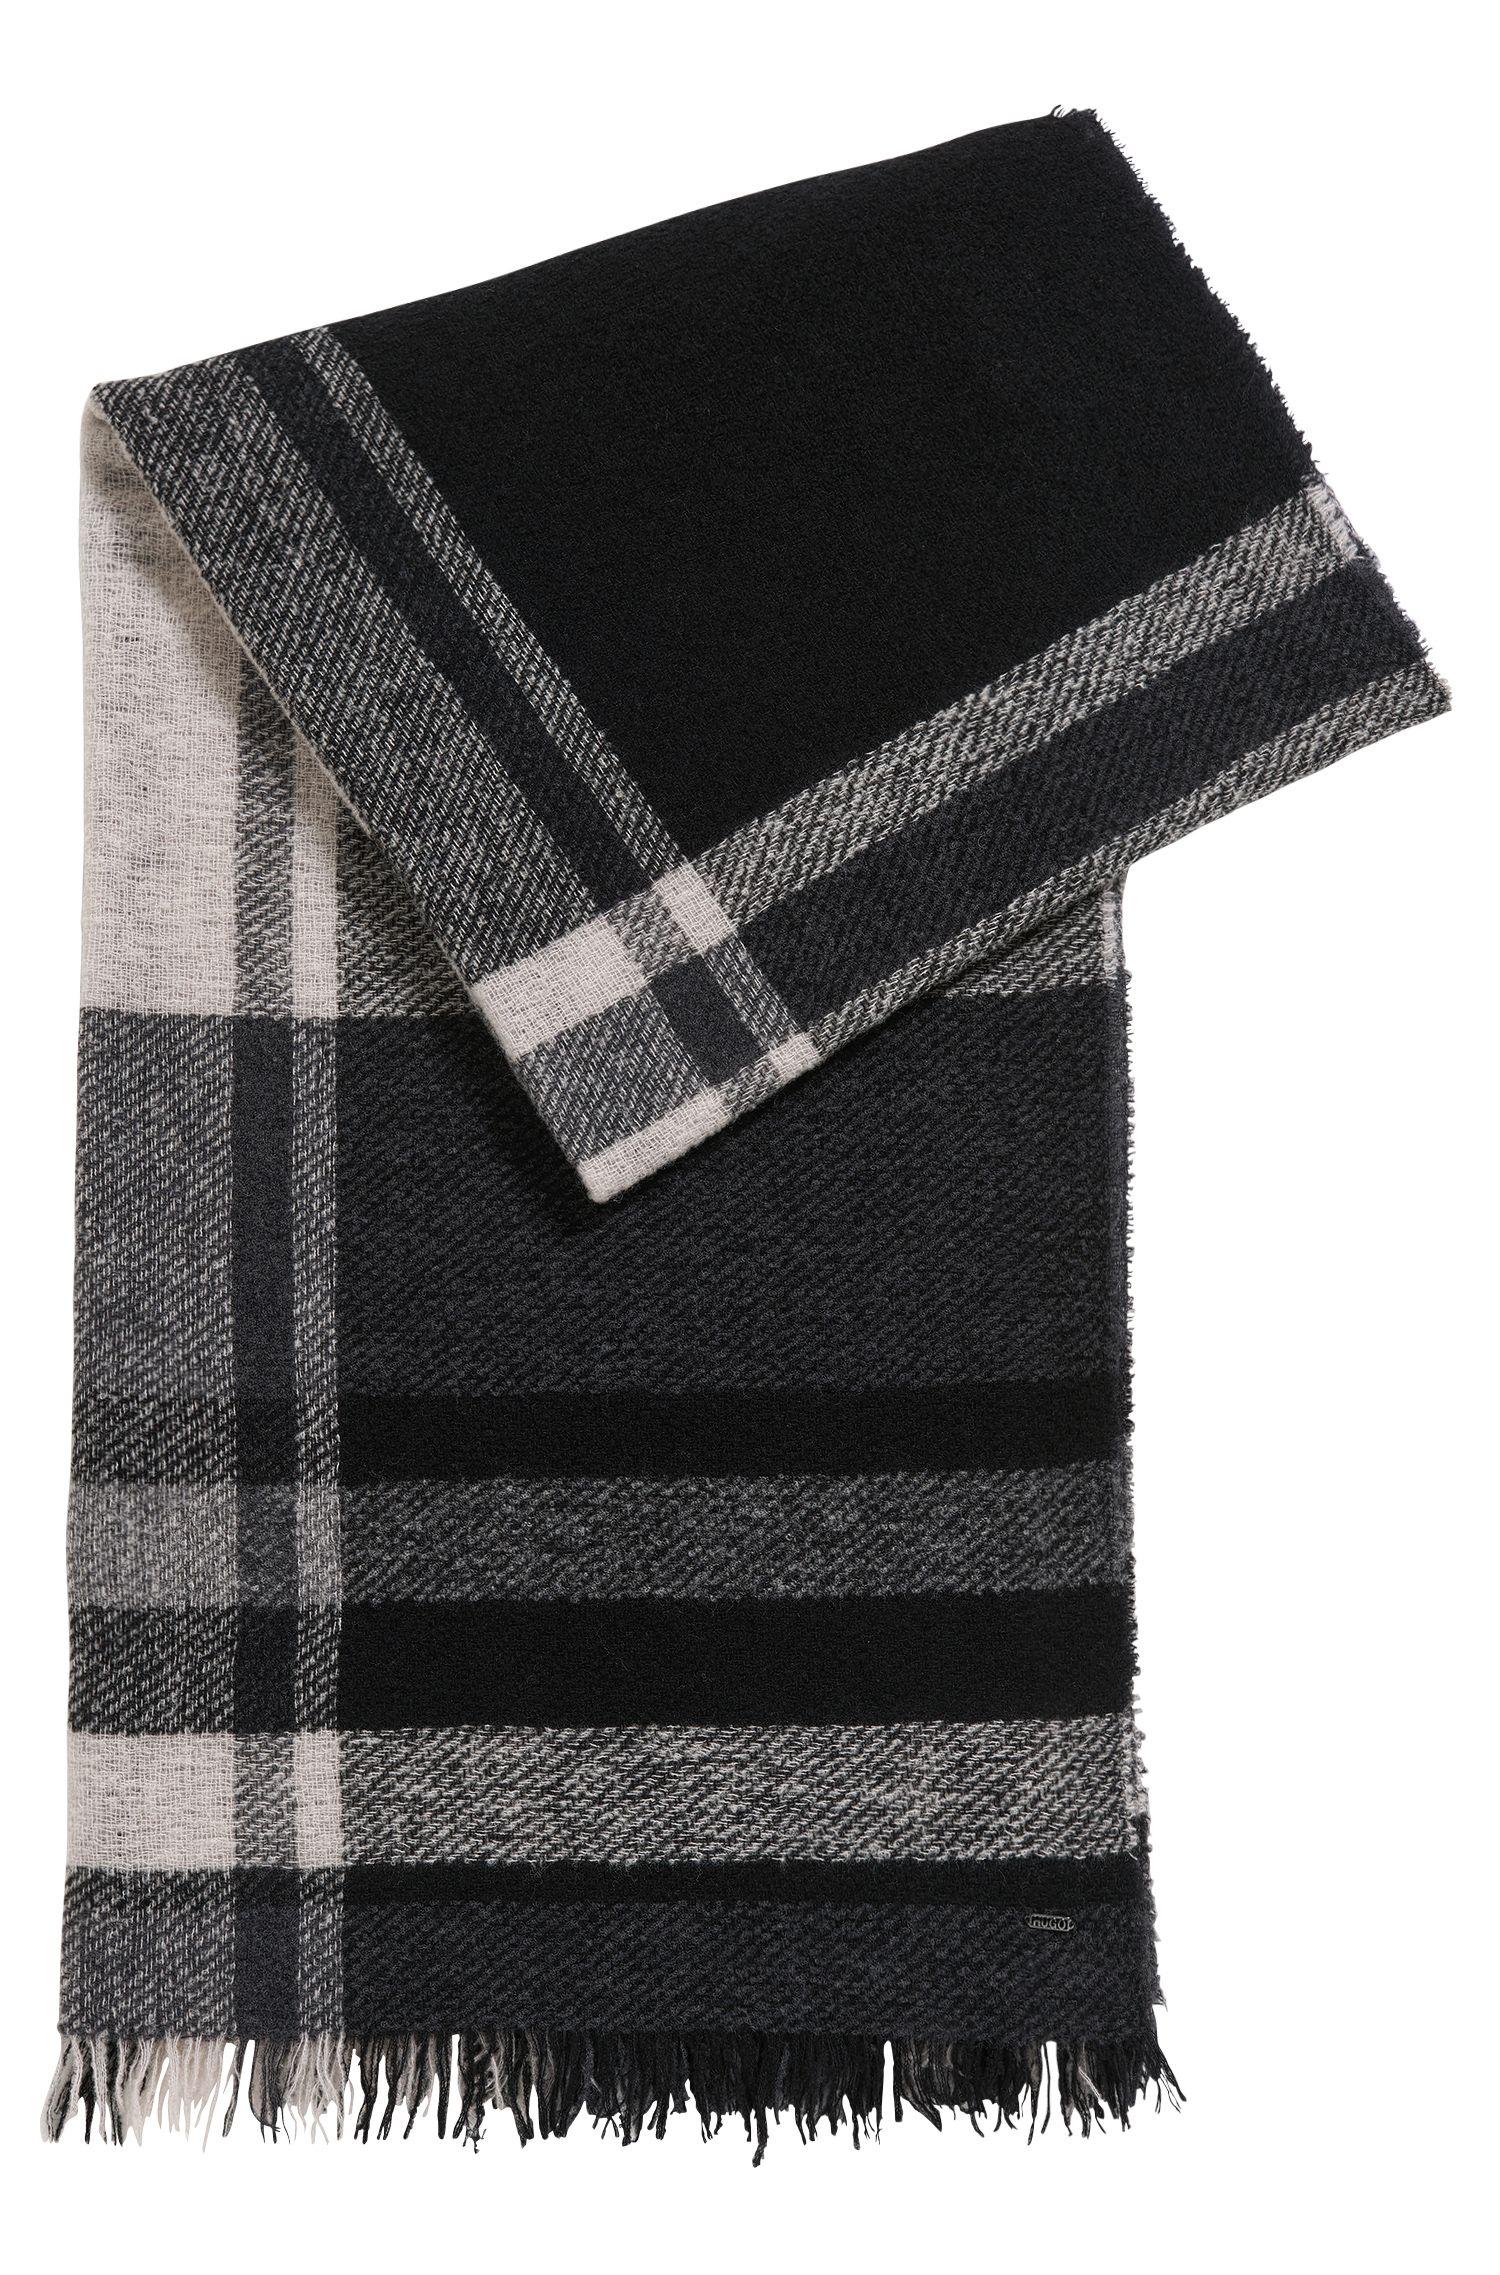 Bufanda a cuadros en mezcla de lana virgen con punto bucle